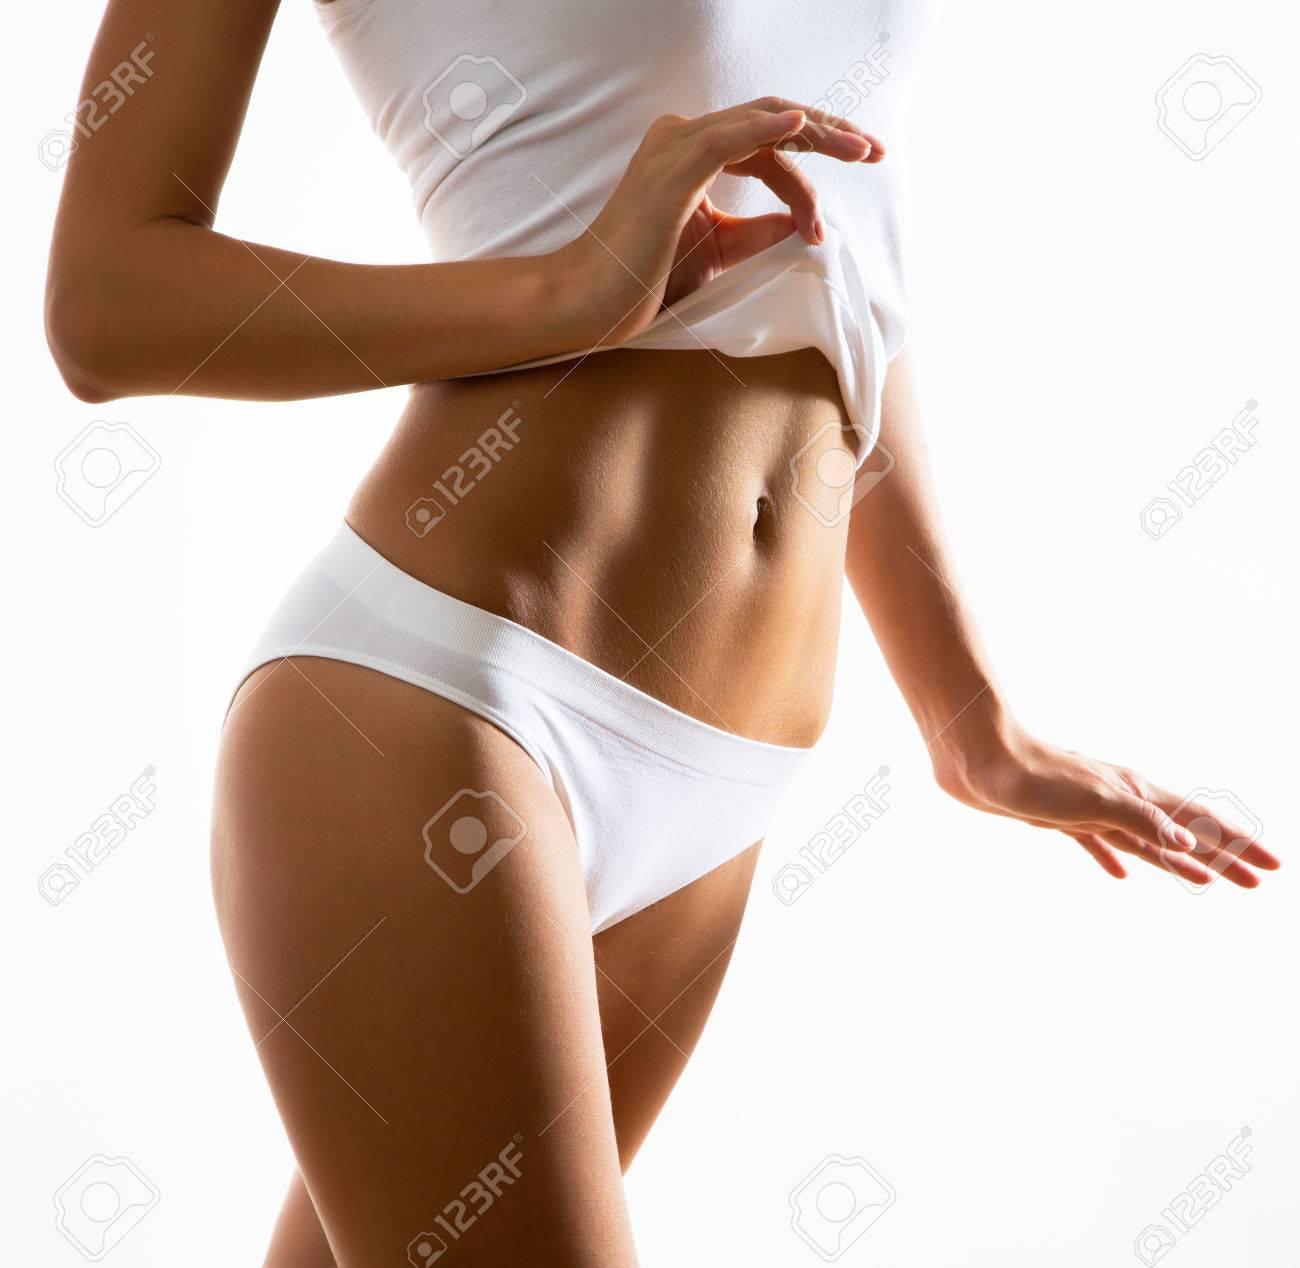 Schöne Frau Mit Perfekten Figur In Der Unterwäsche Lizenzfreie Fotos